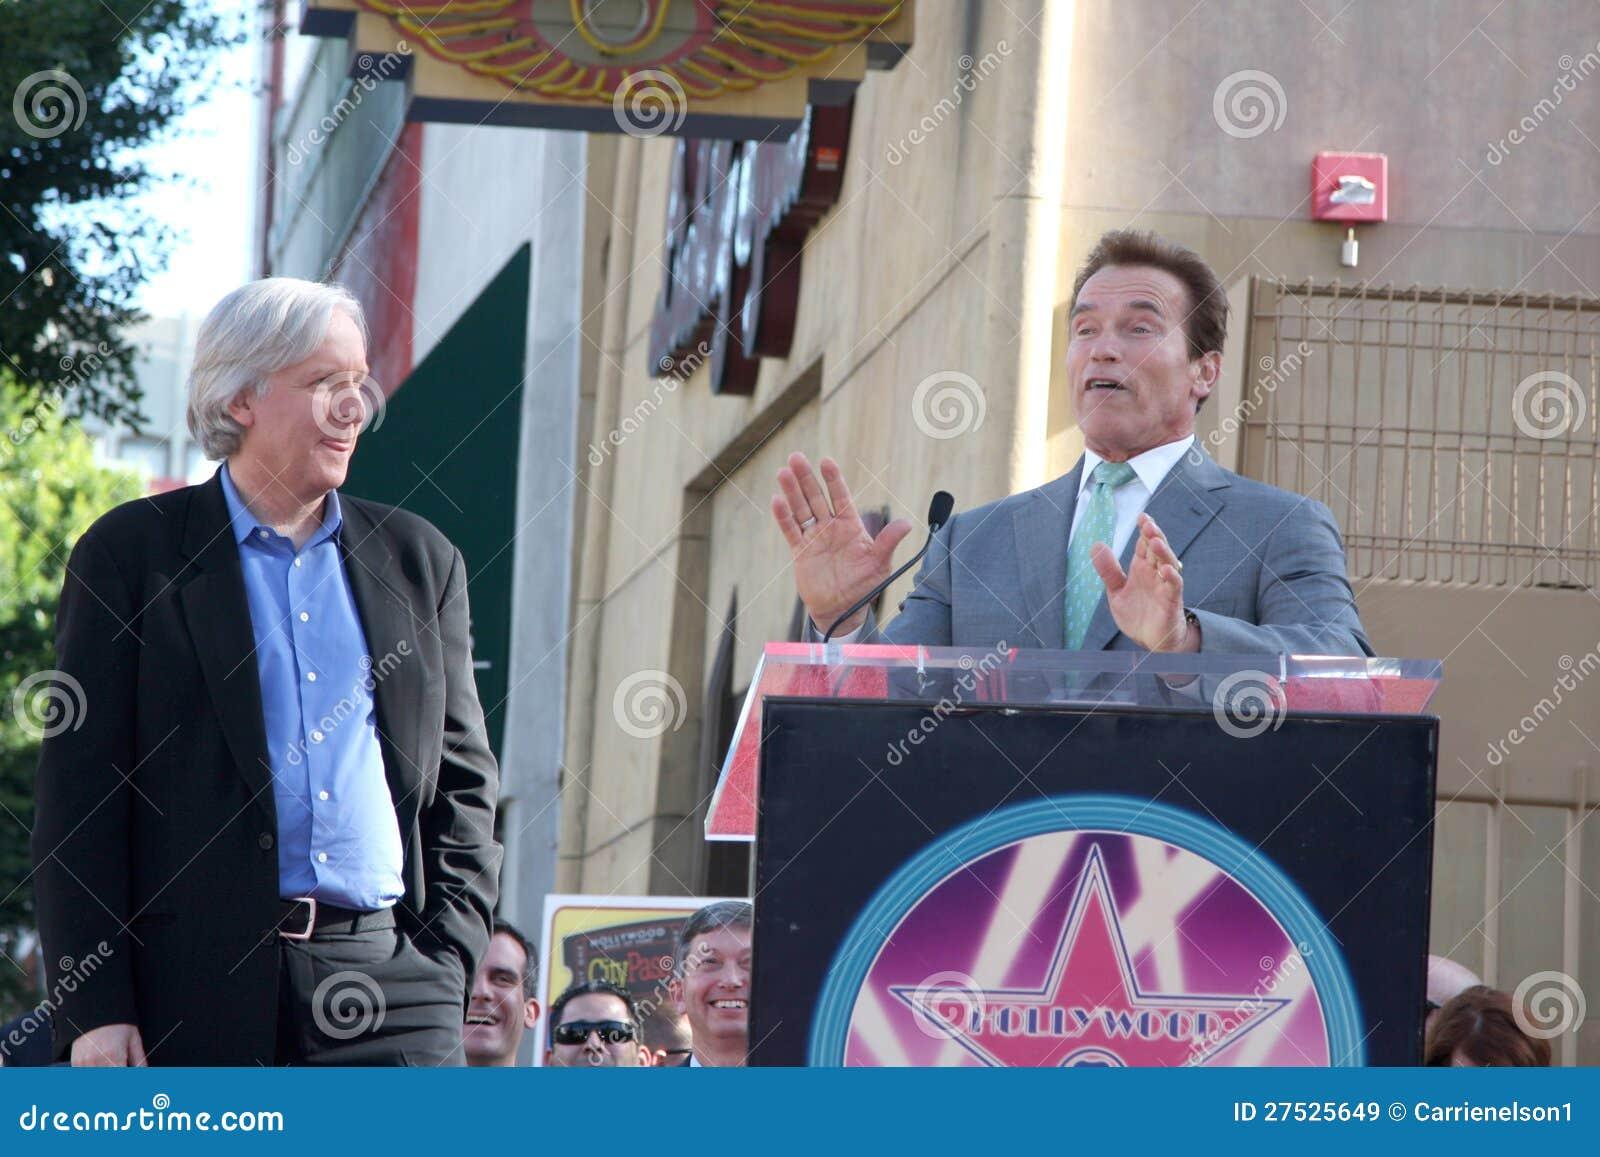 James Cameron, Arnold Schwarzenegger